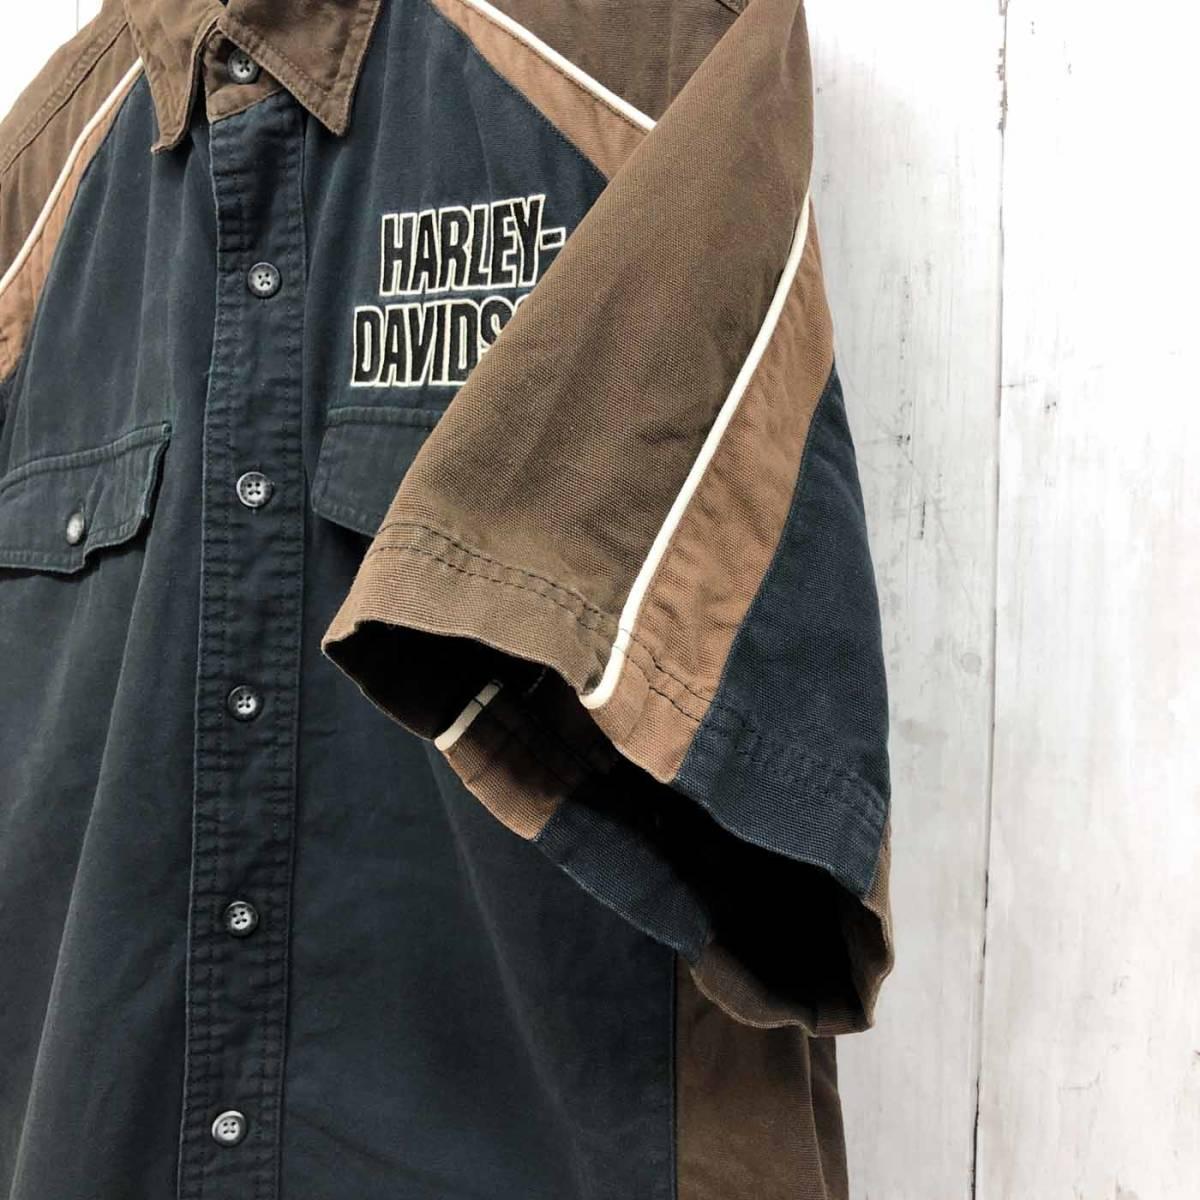 HARLEY DAVIDSON ハーレーダビッドソン 古着 半袖シャツ メンズ コットン100% Mサイズ 9-66_画像7